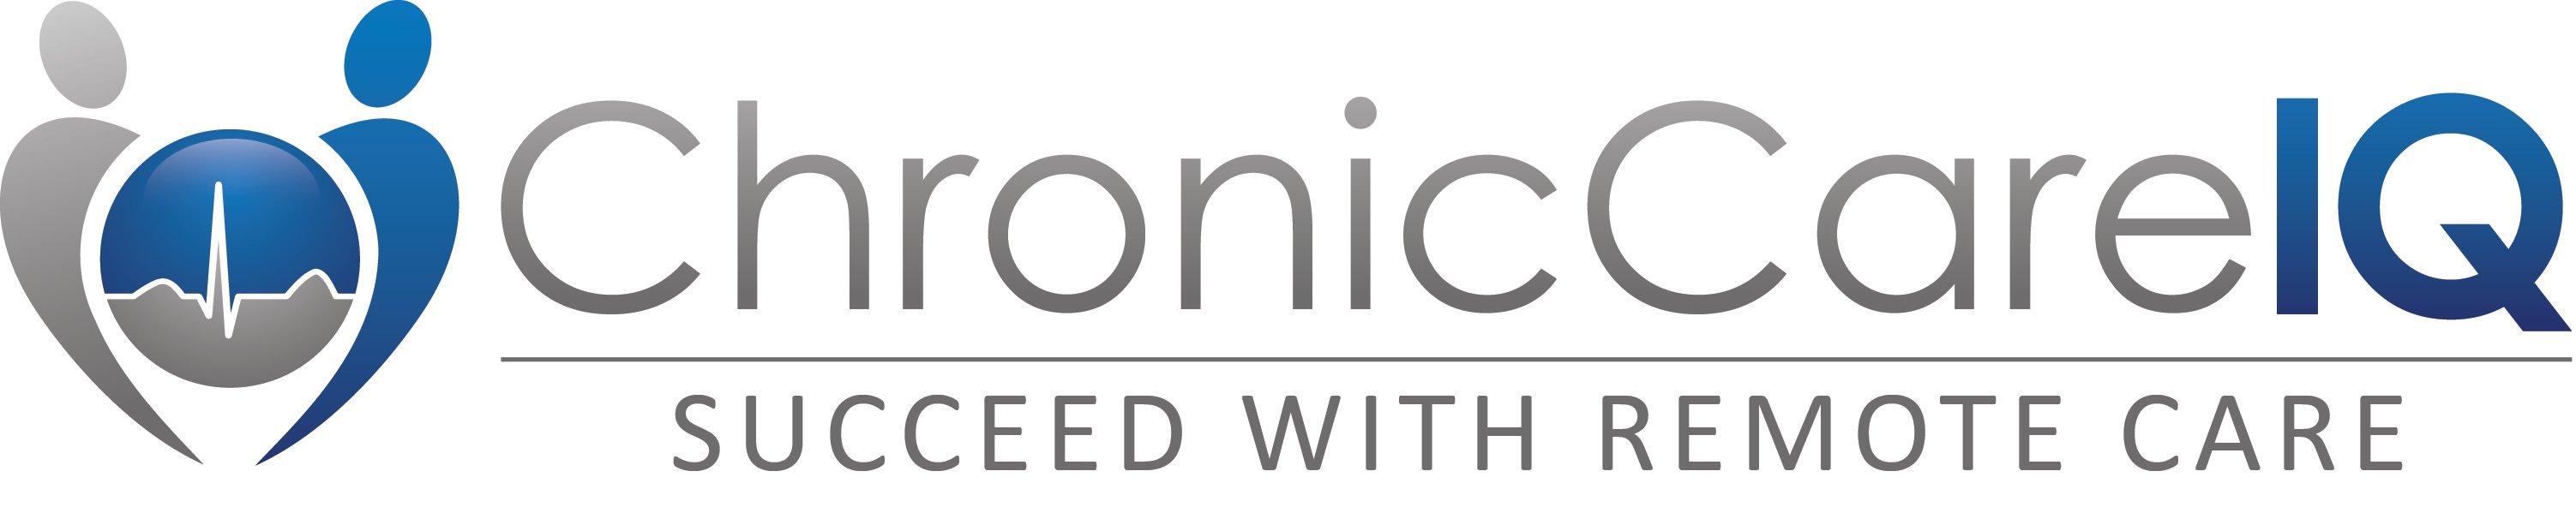 ChronicCareIQ_Logo tagline SWRC - CMYK